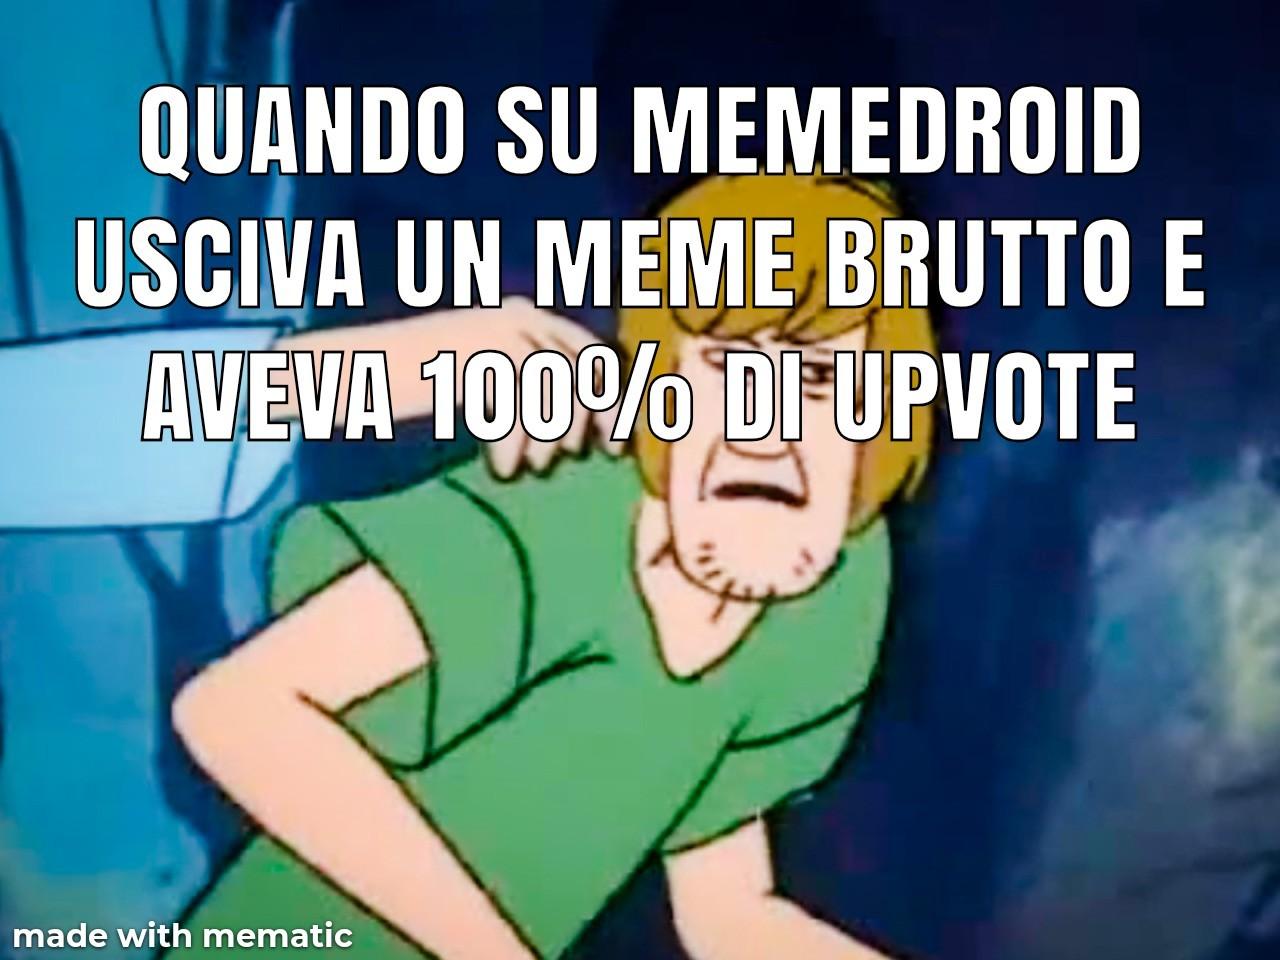 Shish - meme